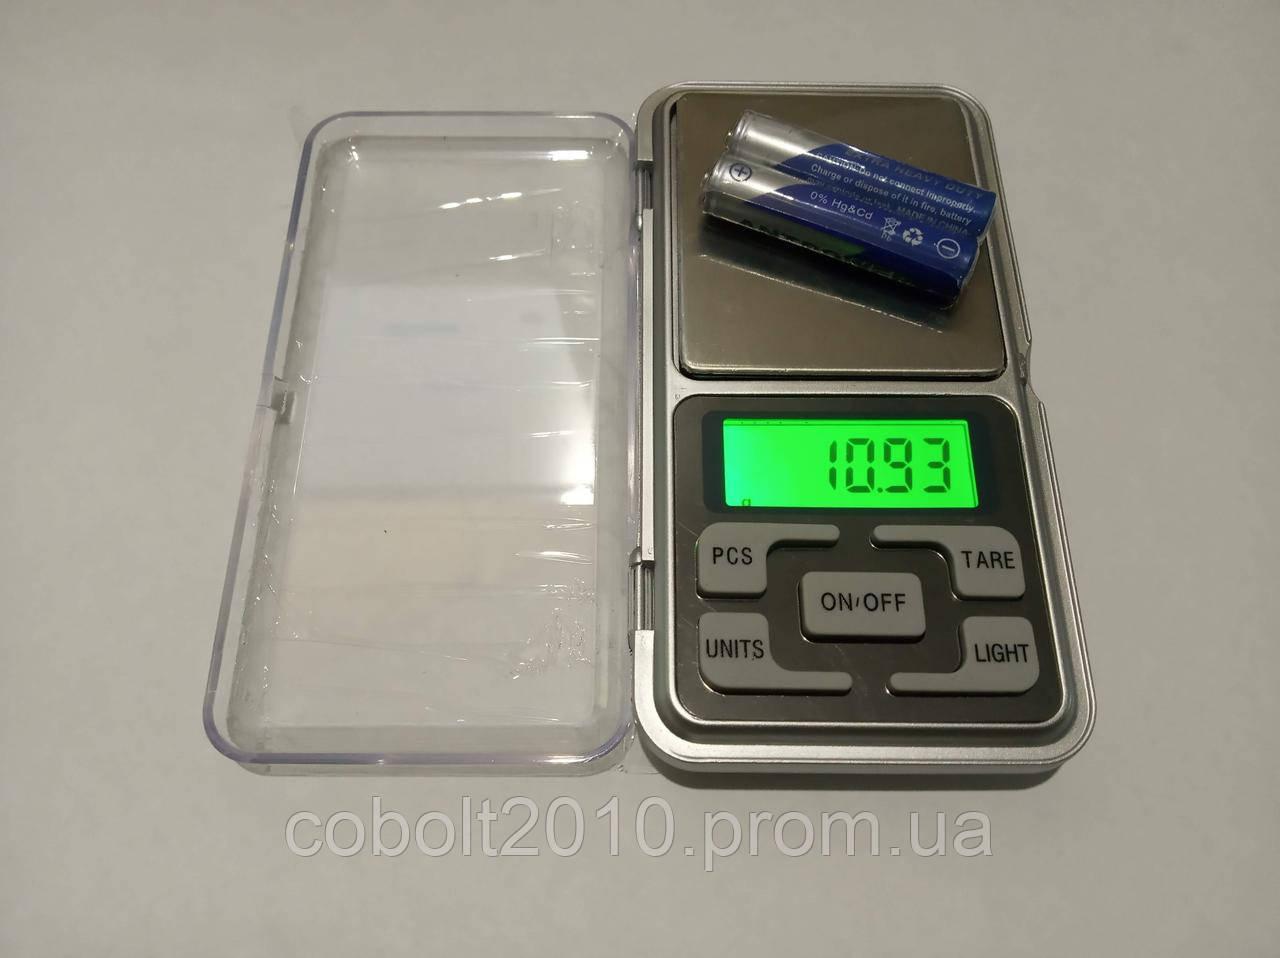 Ювелирные, Карманные весы 240 g (0,01 g)